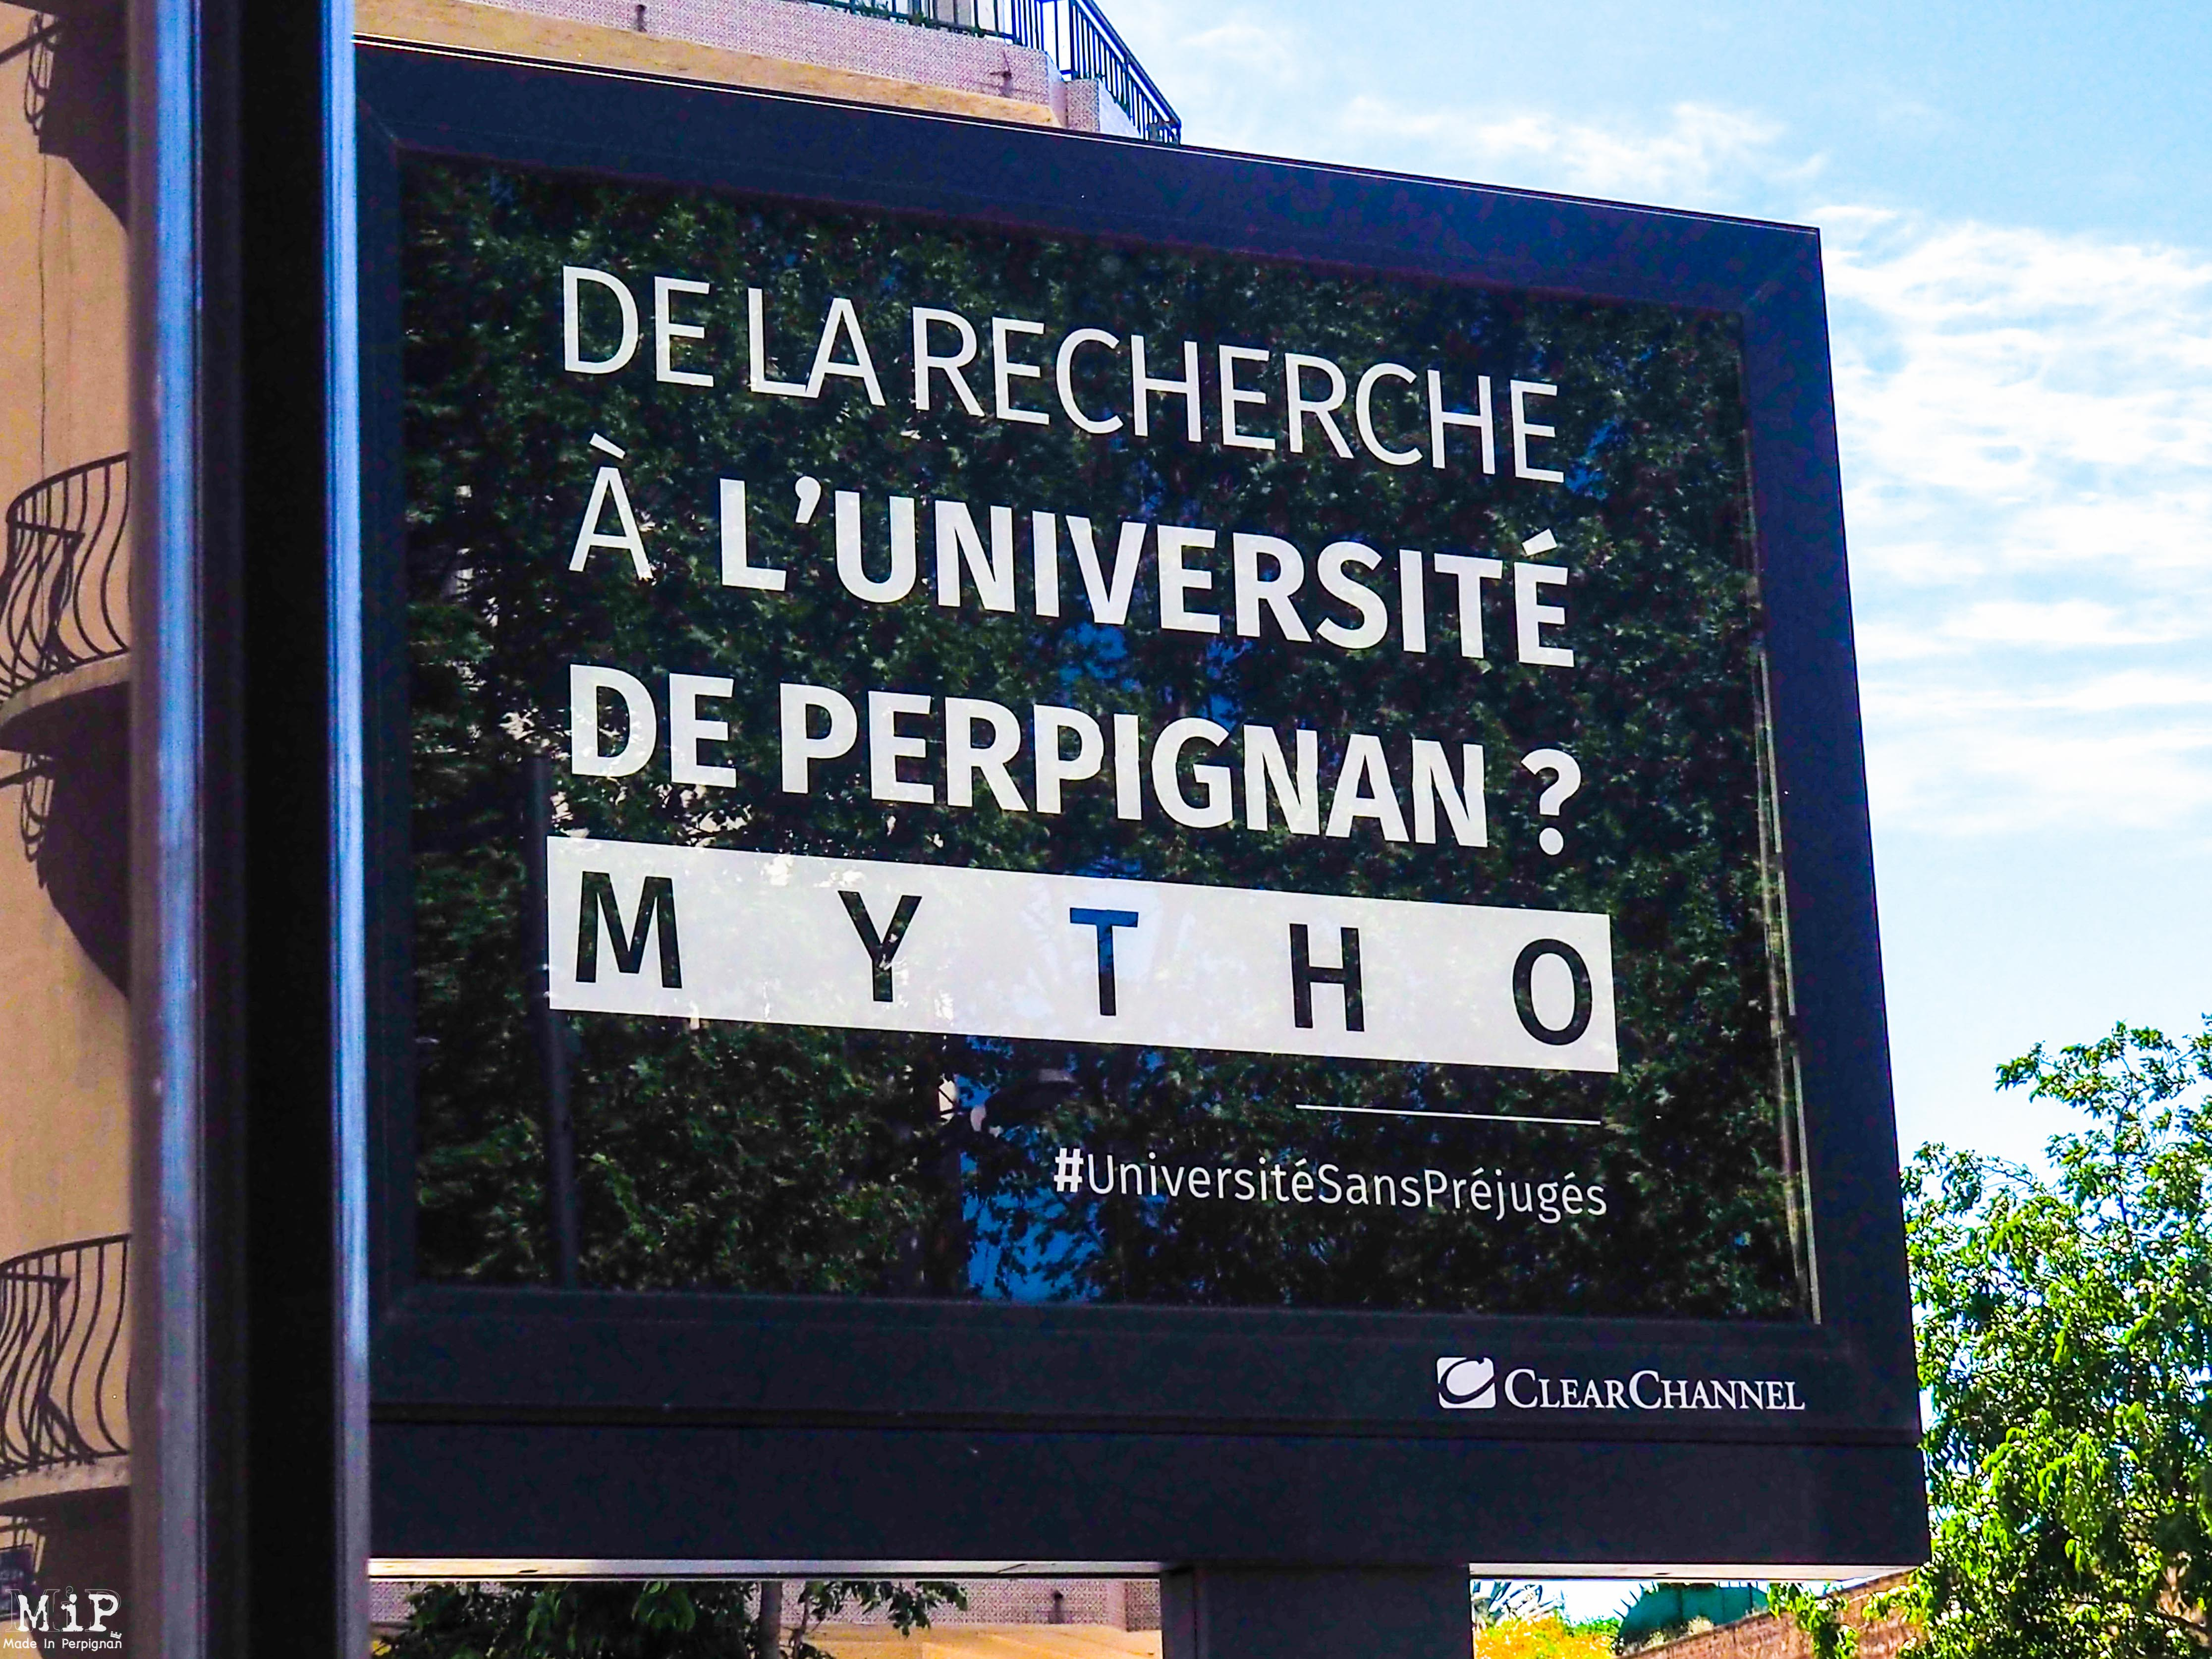 2017-upvd-mytho